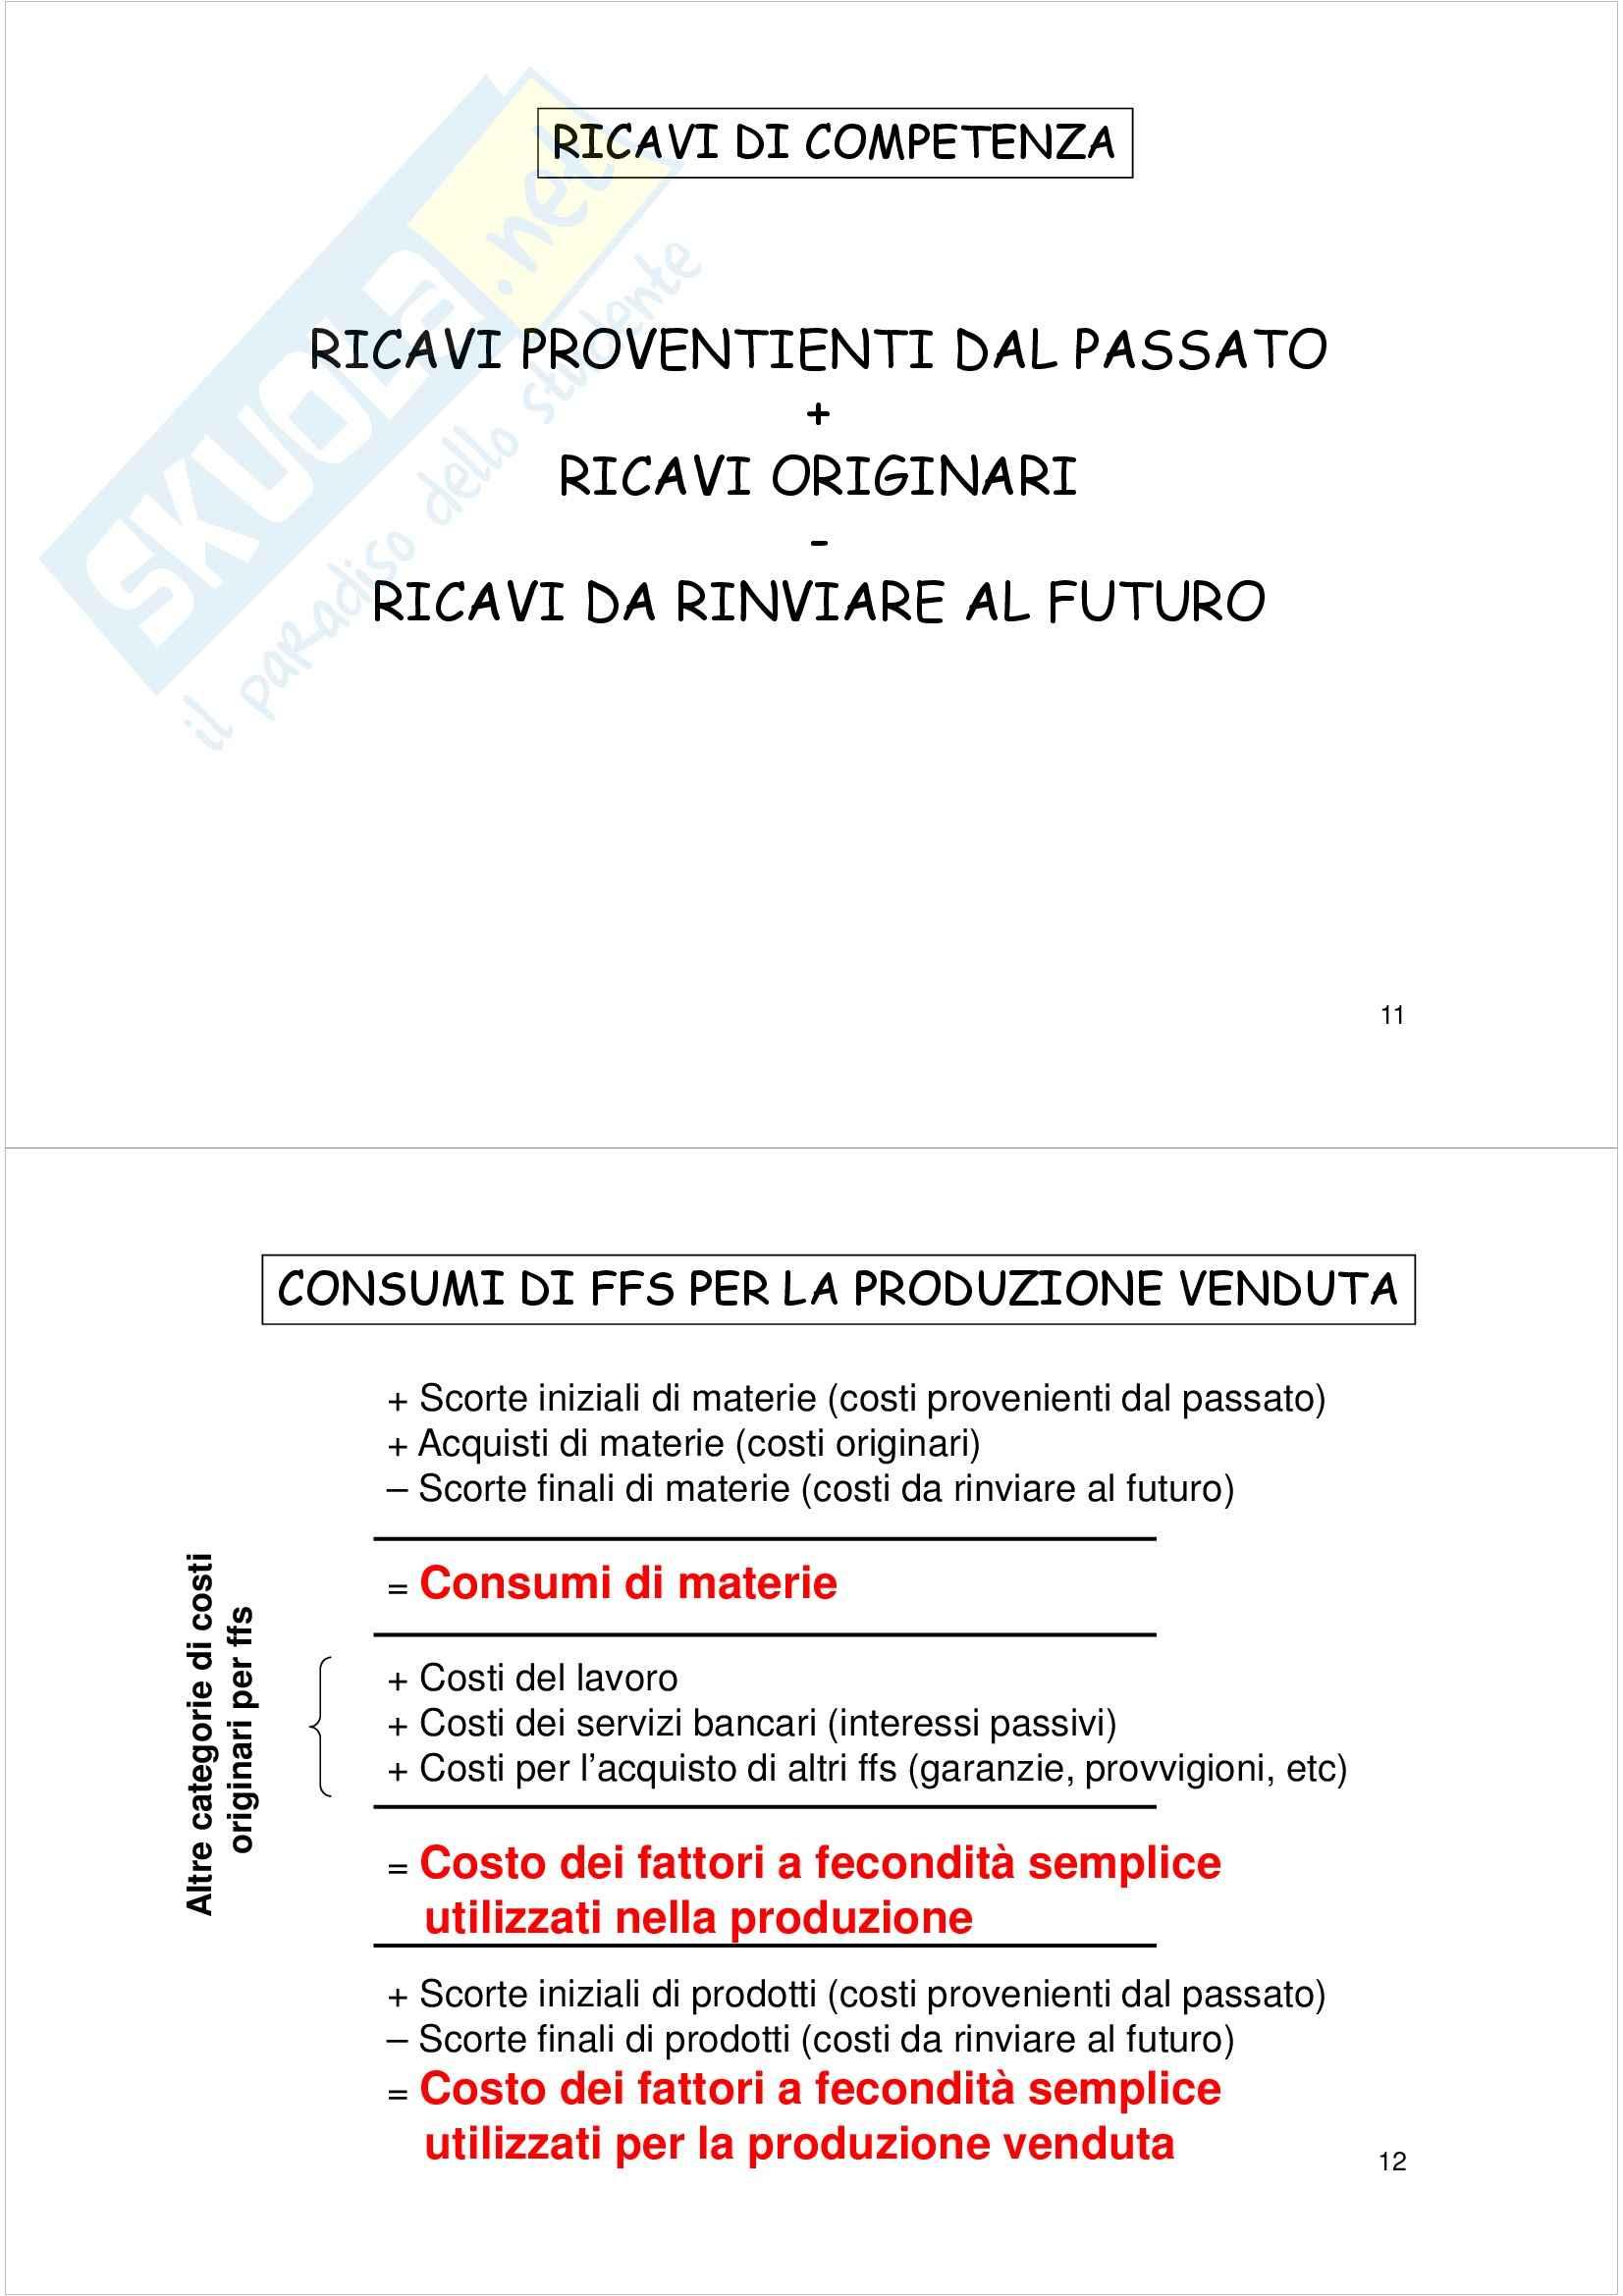 Economia aziendale - Appunti Pag. 6